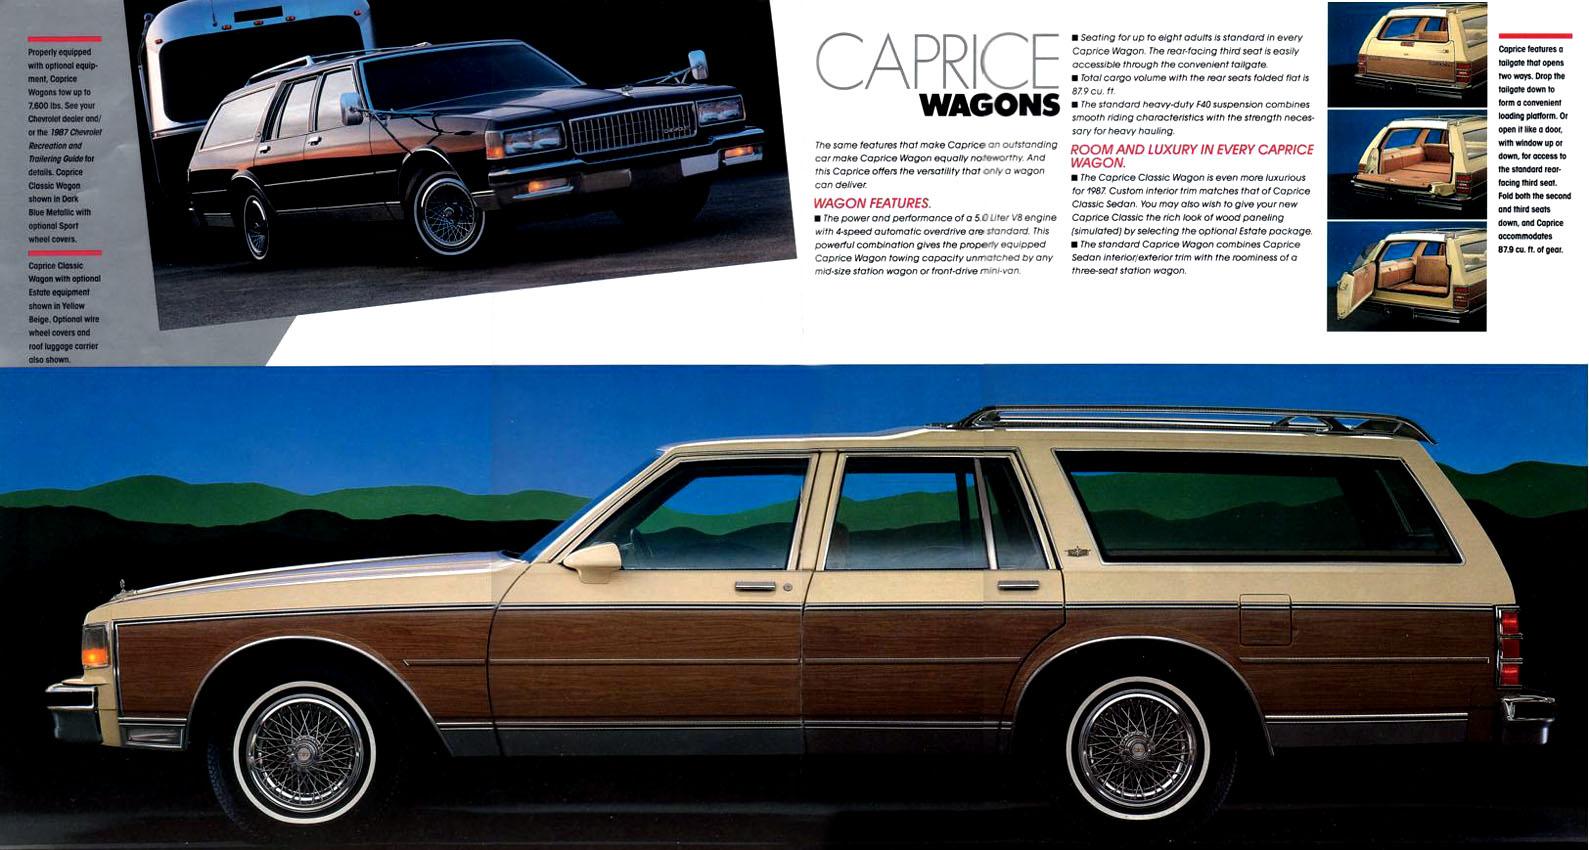 1987 7790 Chevrolet Caprice